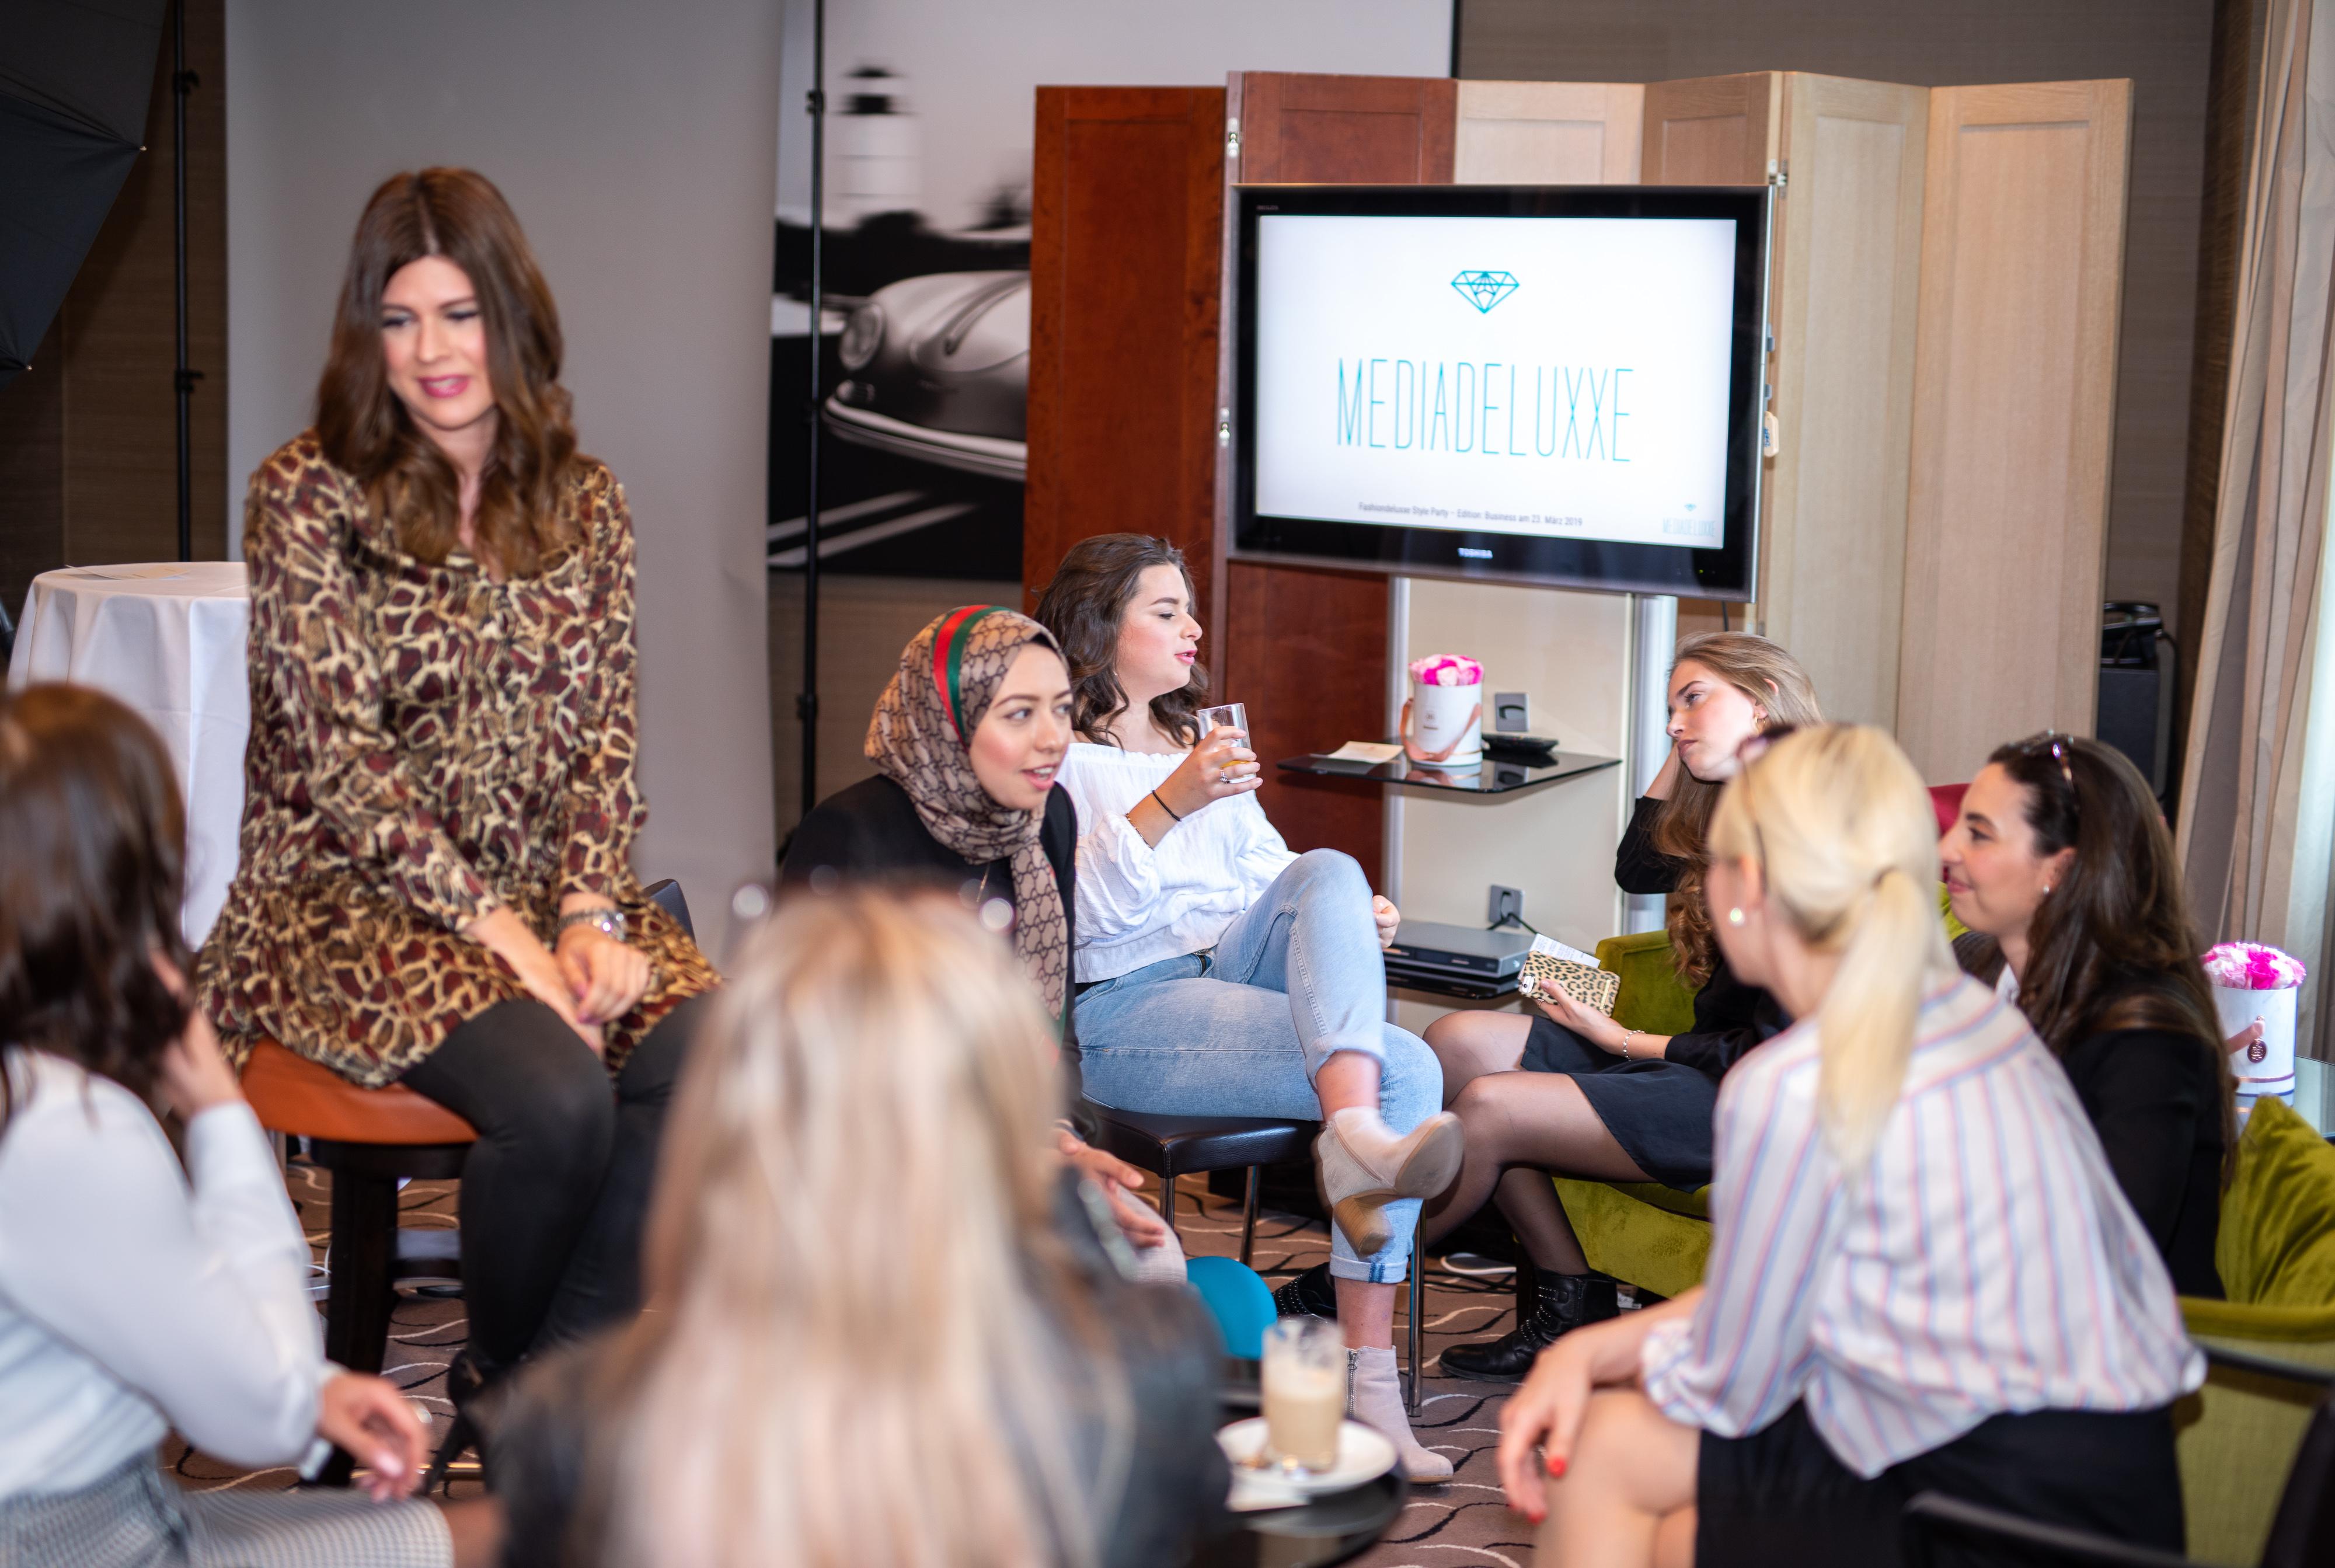 Networking Deluxe by Mediadeluxe! Die Fashiondeluxxe Style Party - Edition: Business bot den Business Women in München eine stilvolle Plattform für's Netzwerken